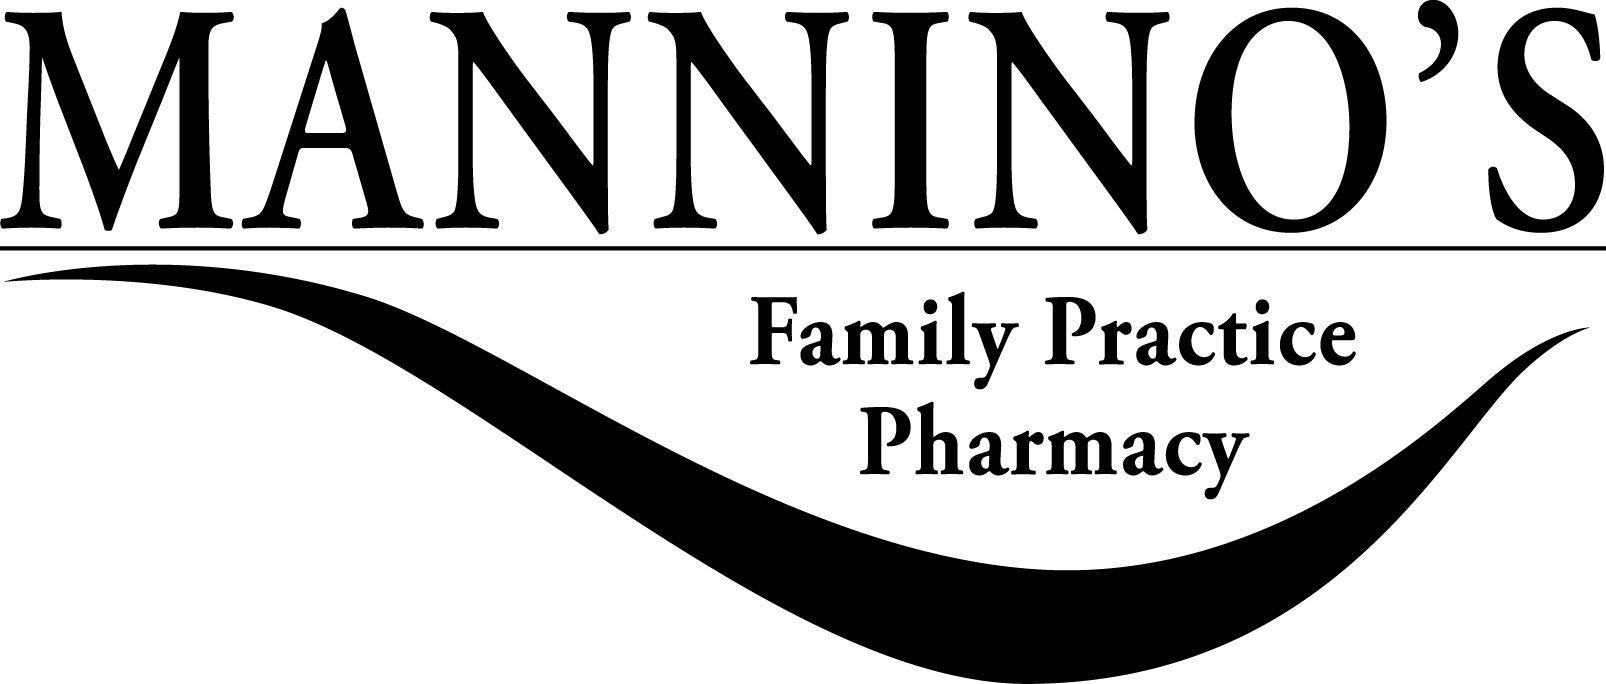 Mannino's Pharmacy